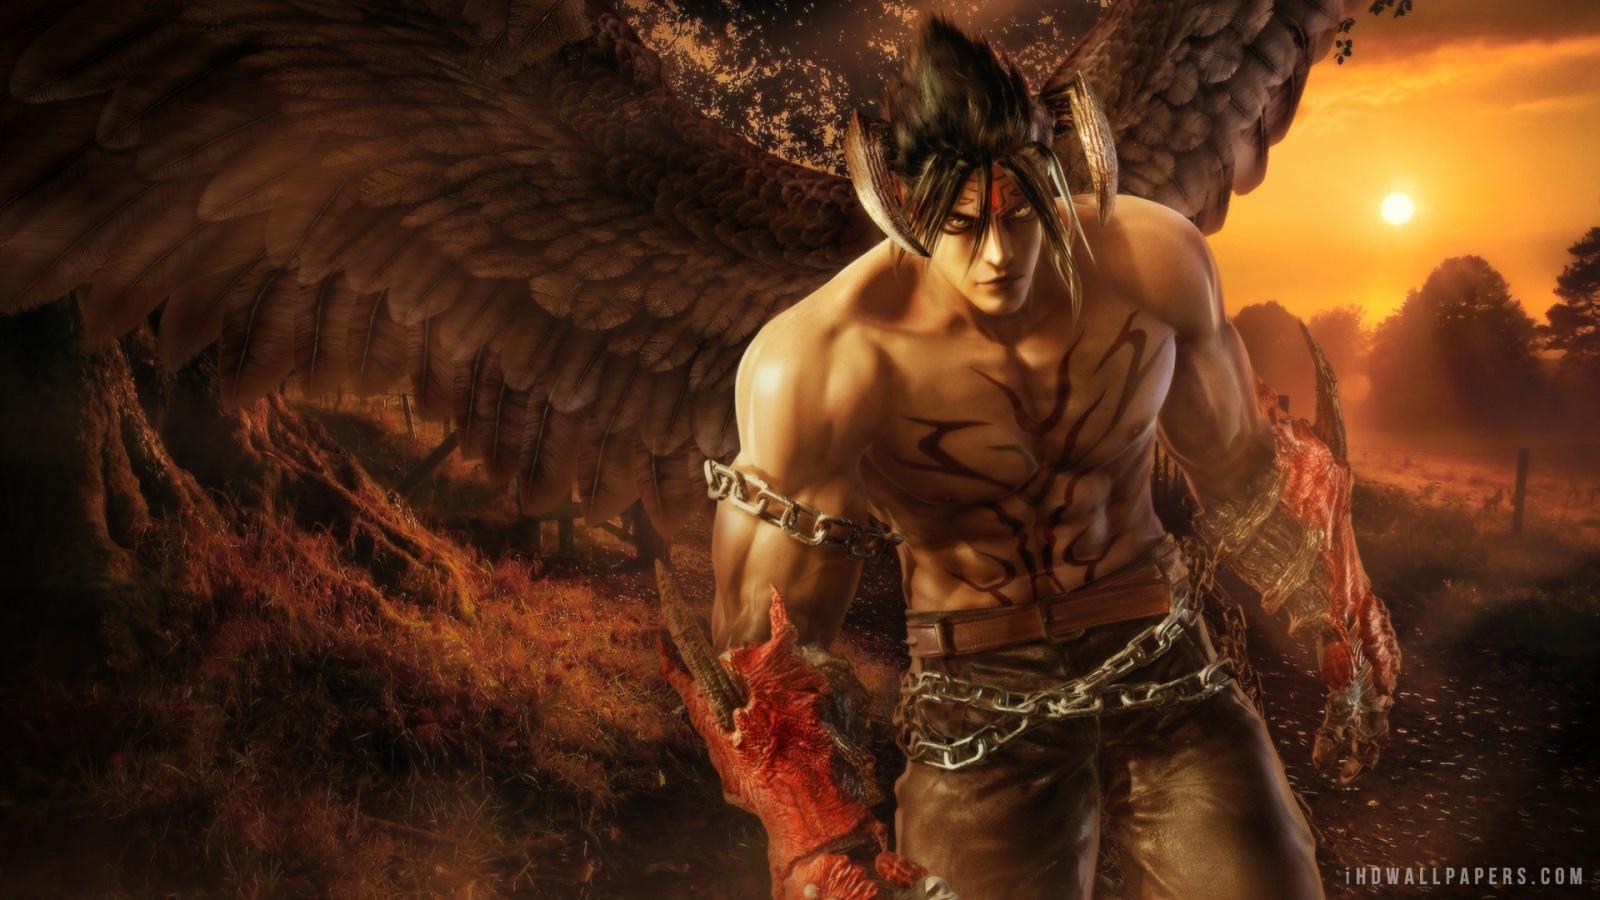 Devil Jin Wallpaper 1600x900